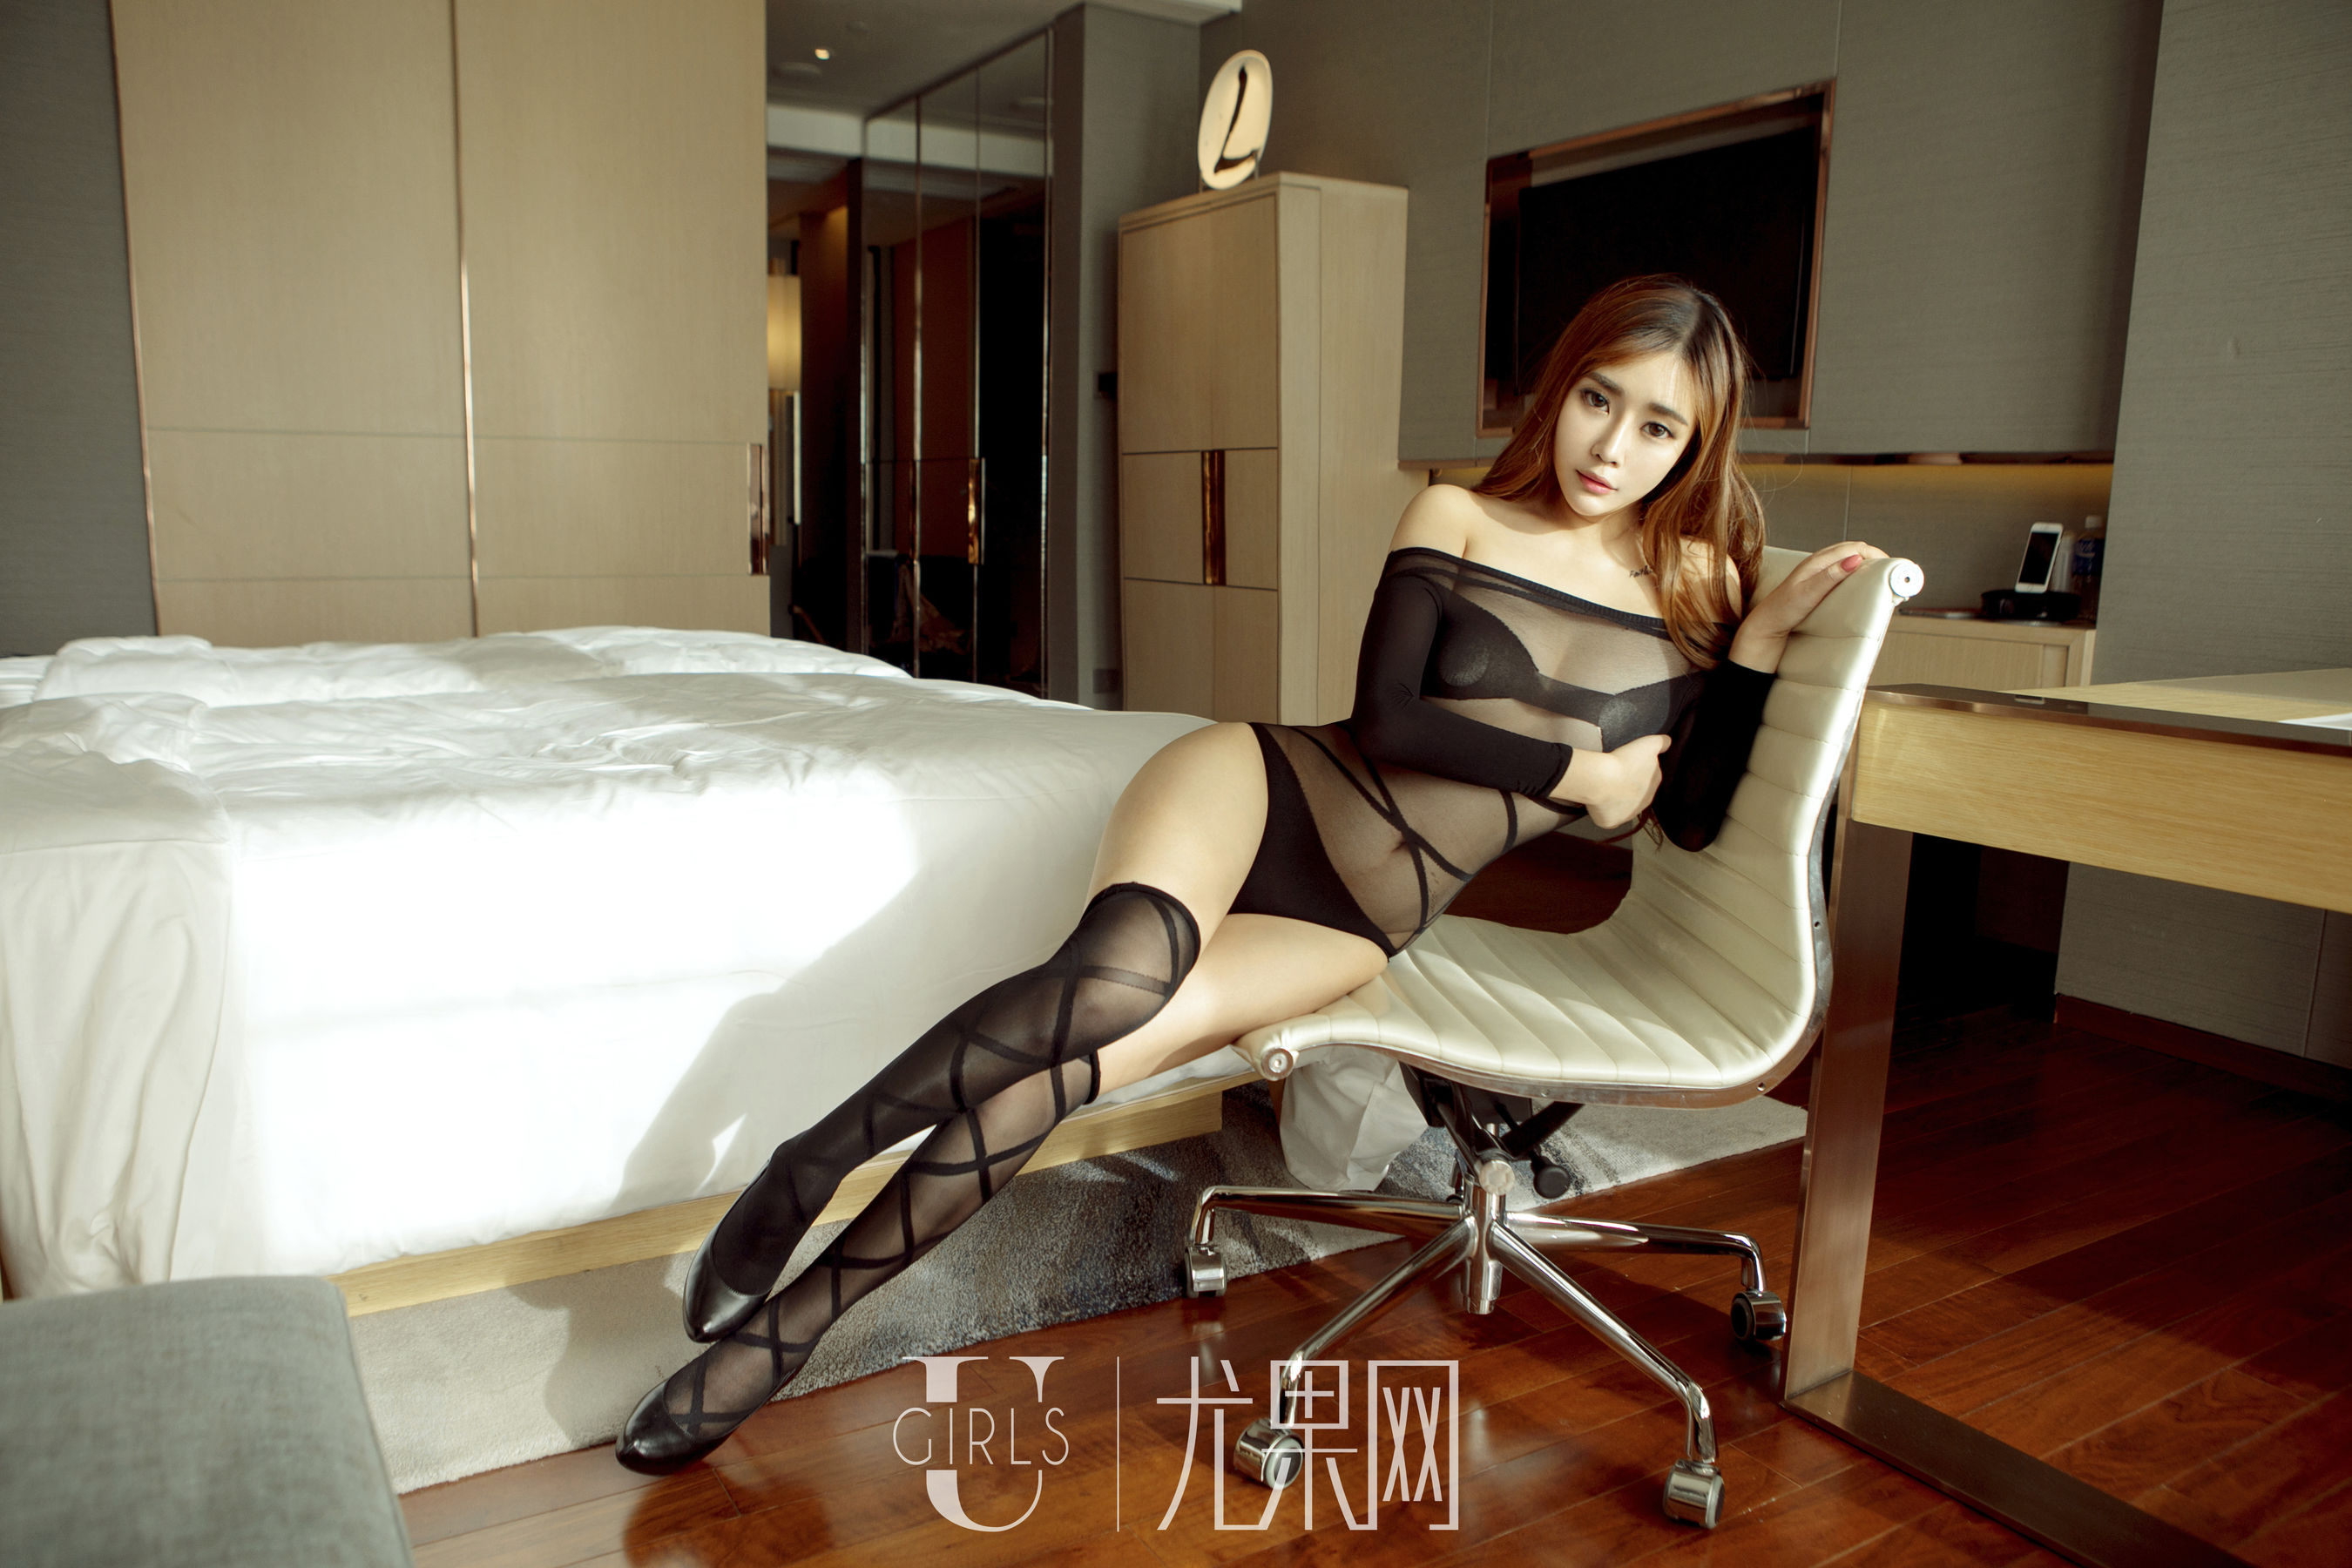 VOL.20 [尤果网]丝袜美女情趣内衣丝袜诱惑妹子:乔依琳(乔依琳Joylin)超高清写真套图(65P)